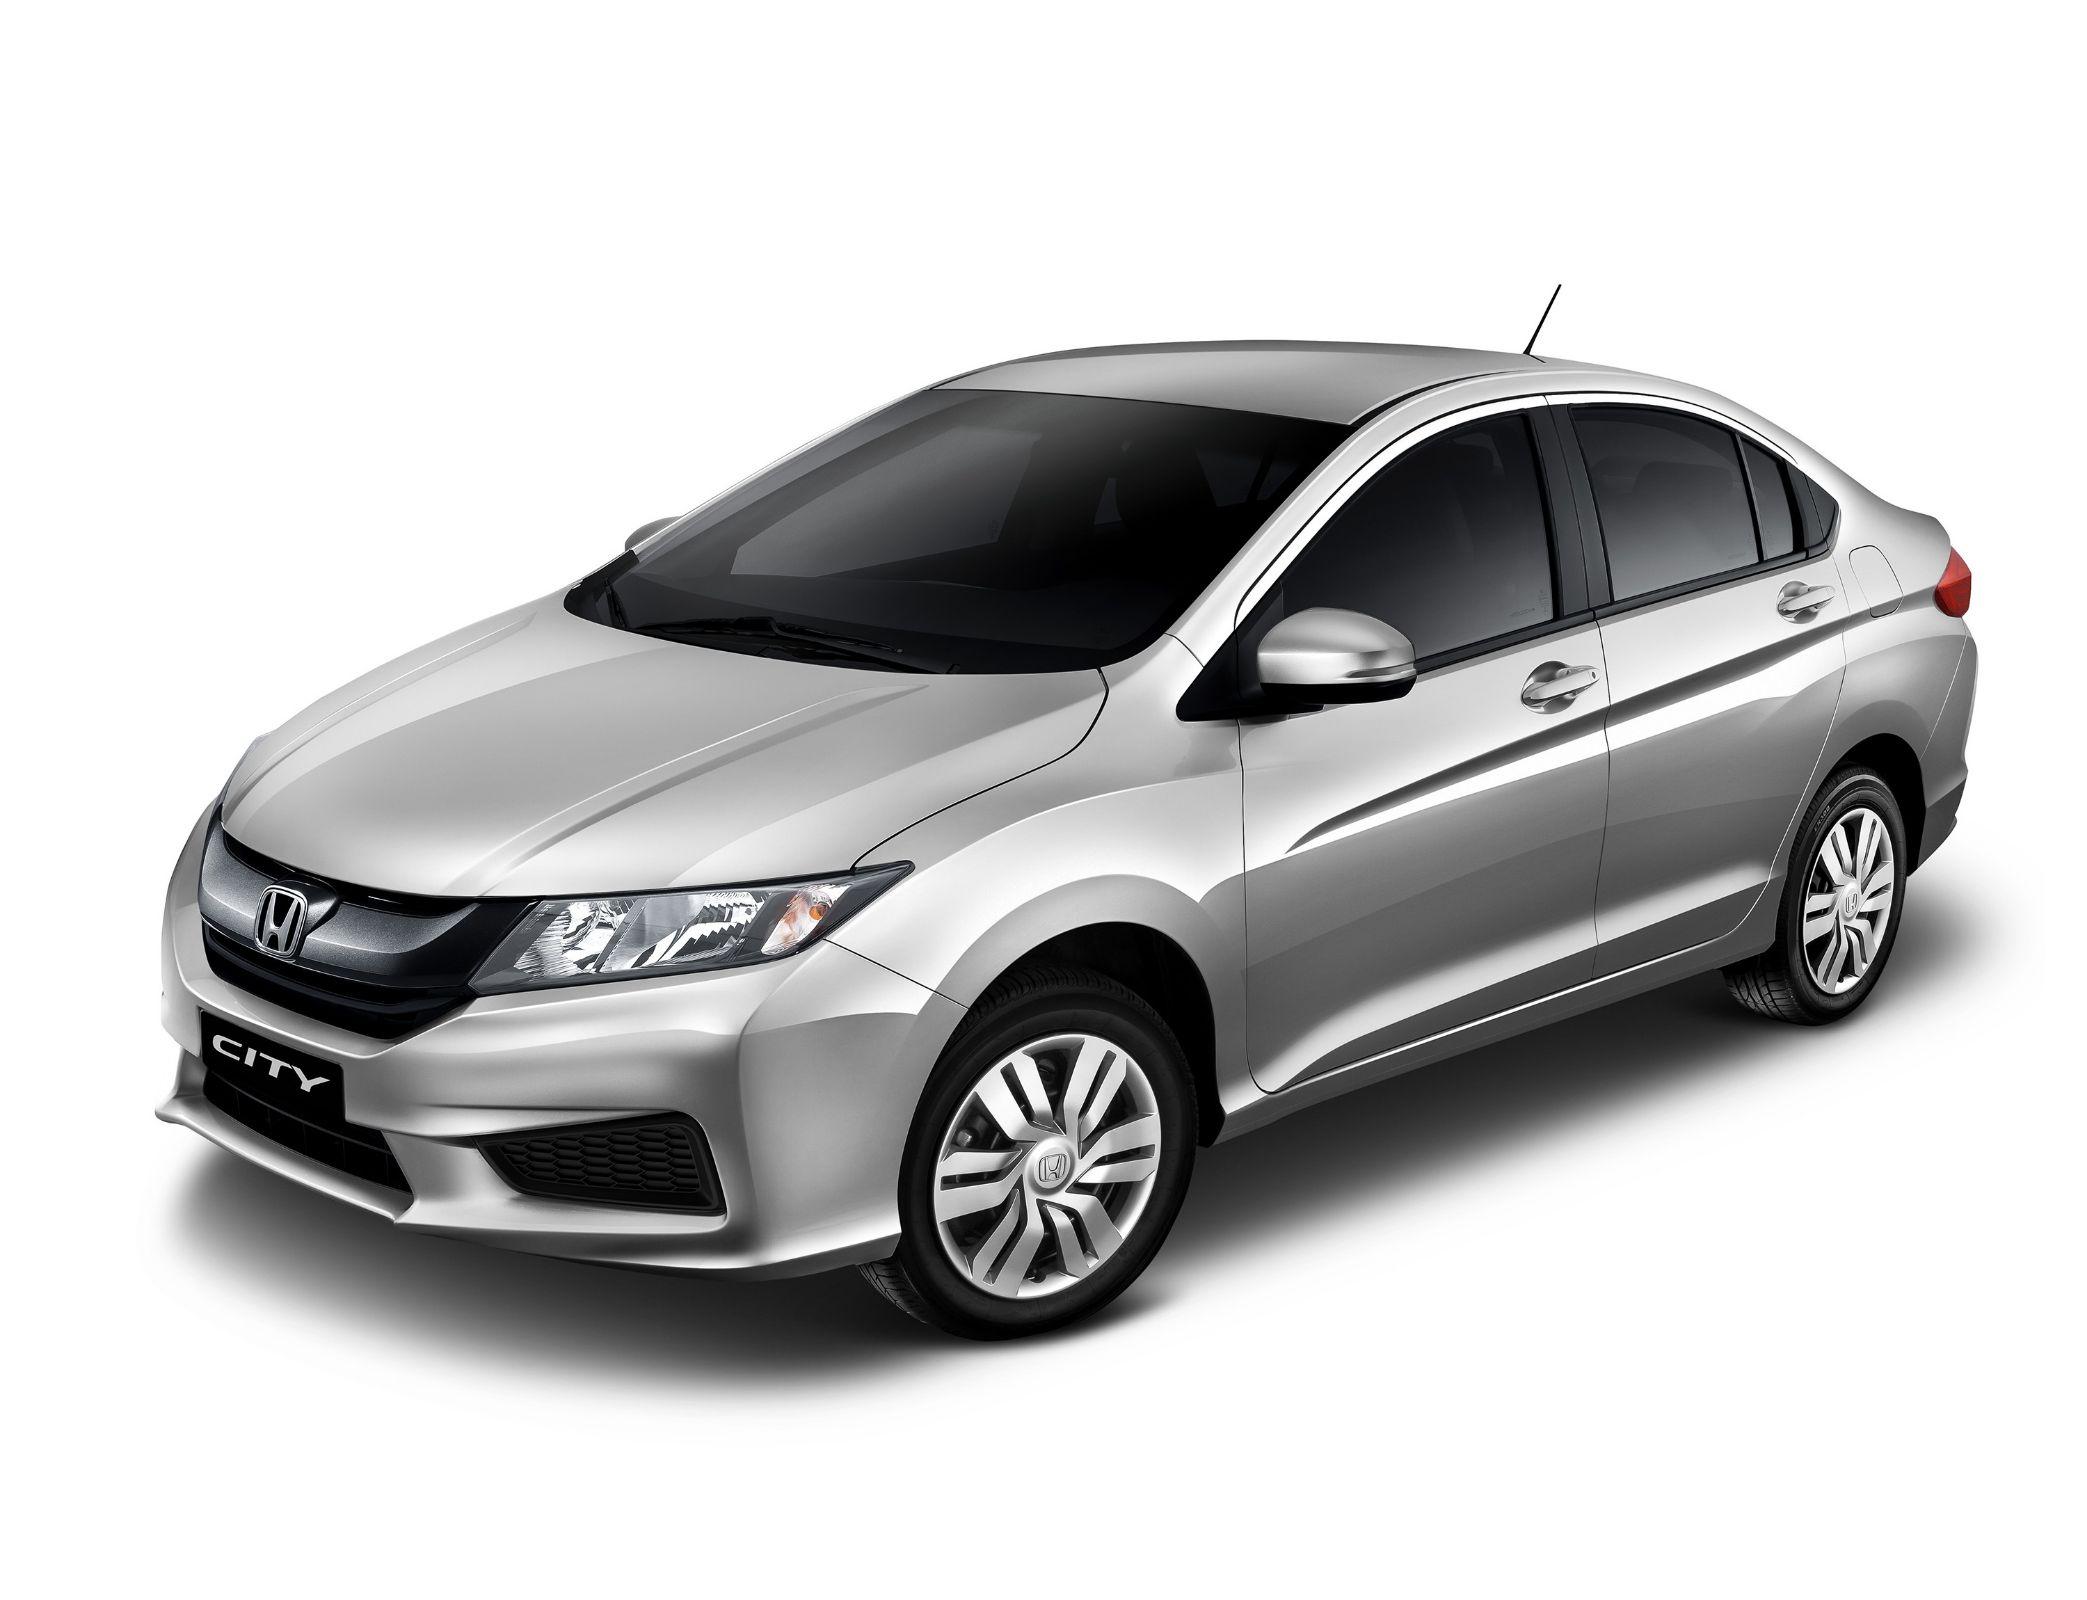 Carros que menos desvalorizaram: Honda City